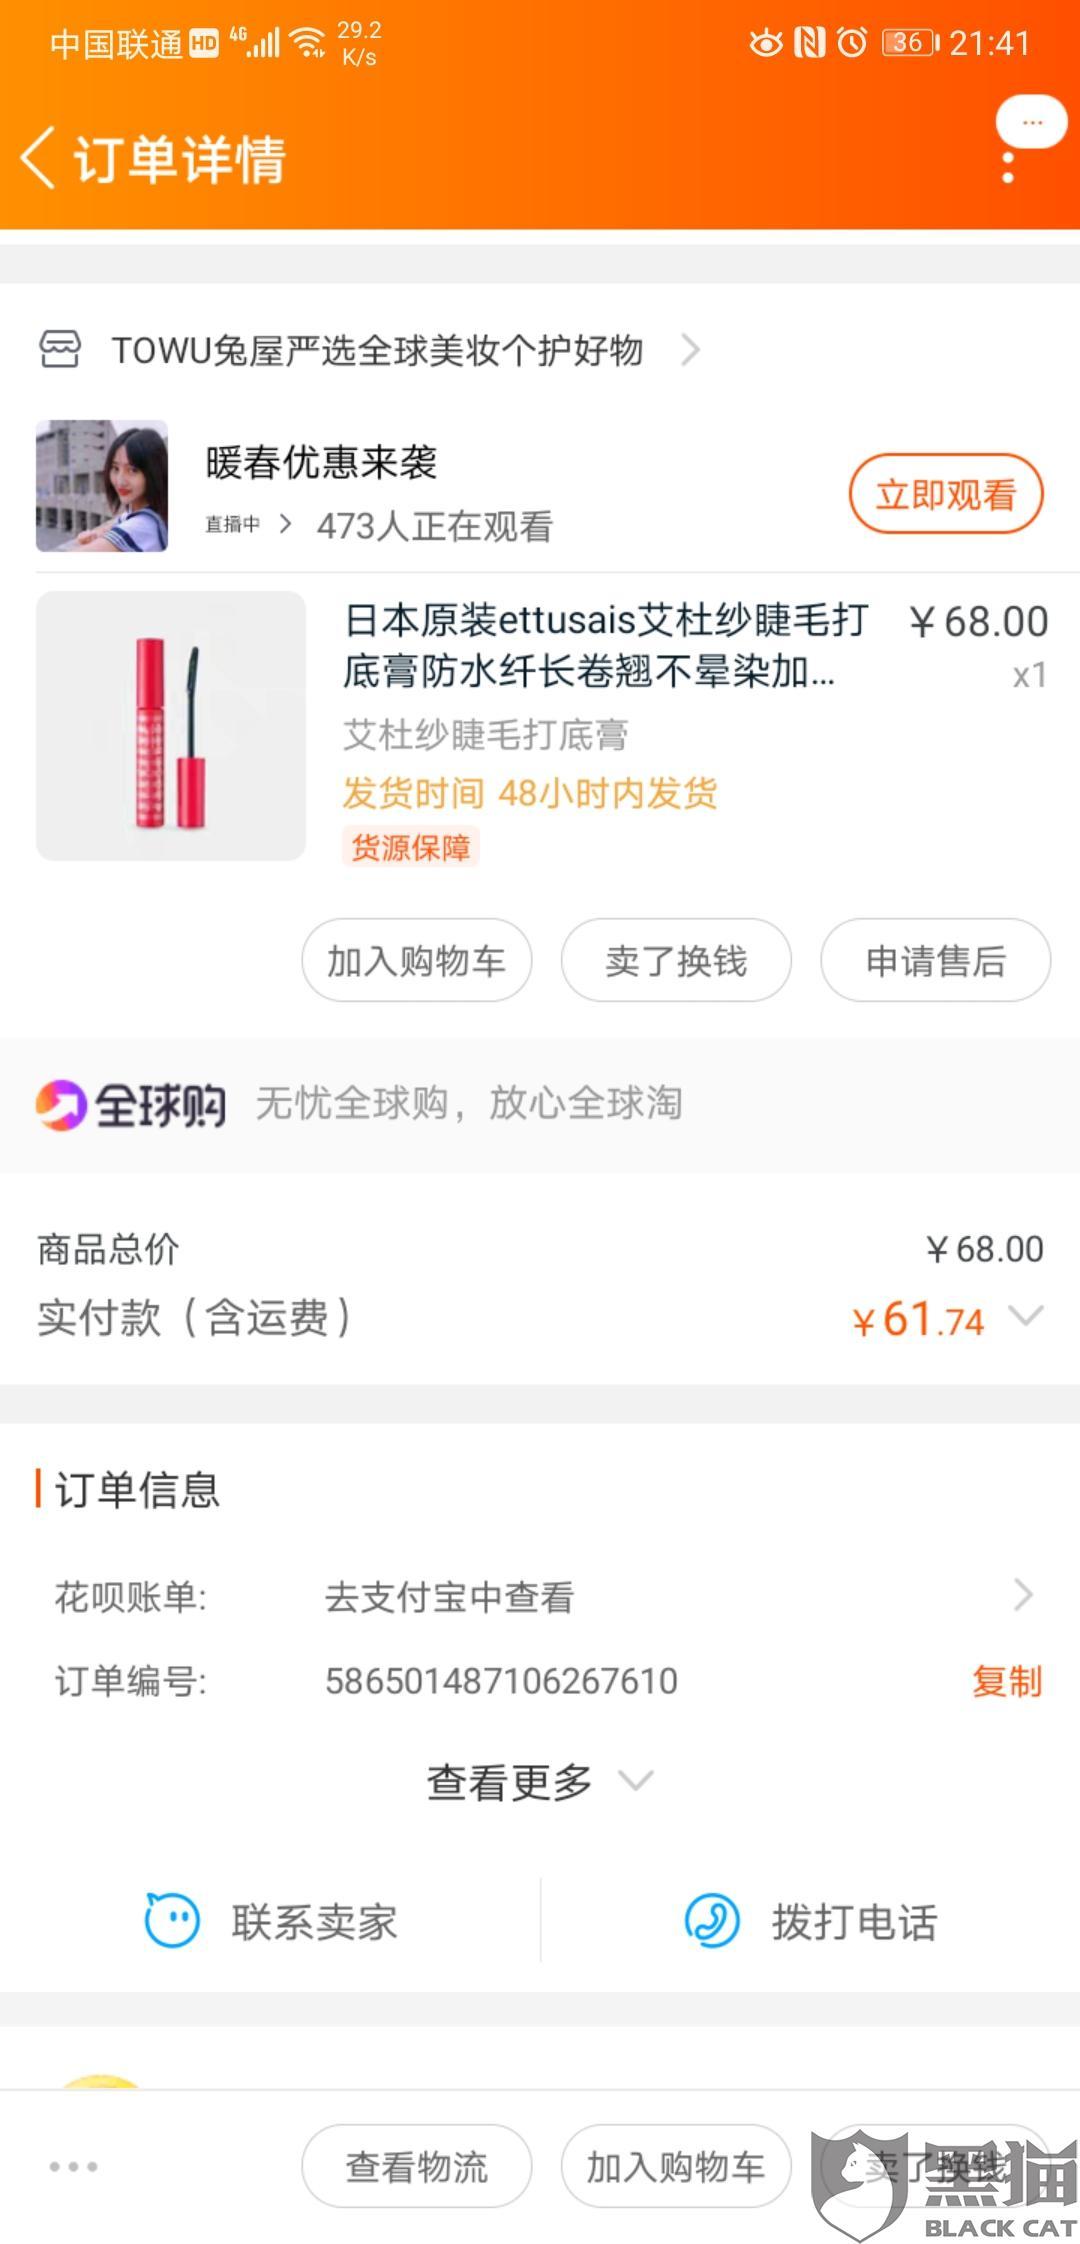 黑猫投诉:12月在Towu兔屋全球严选购买的艾杜纱睫毛打底膏质量差 该店真假掺卖